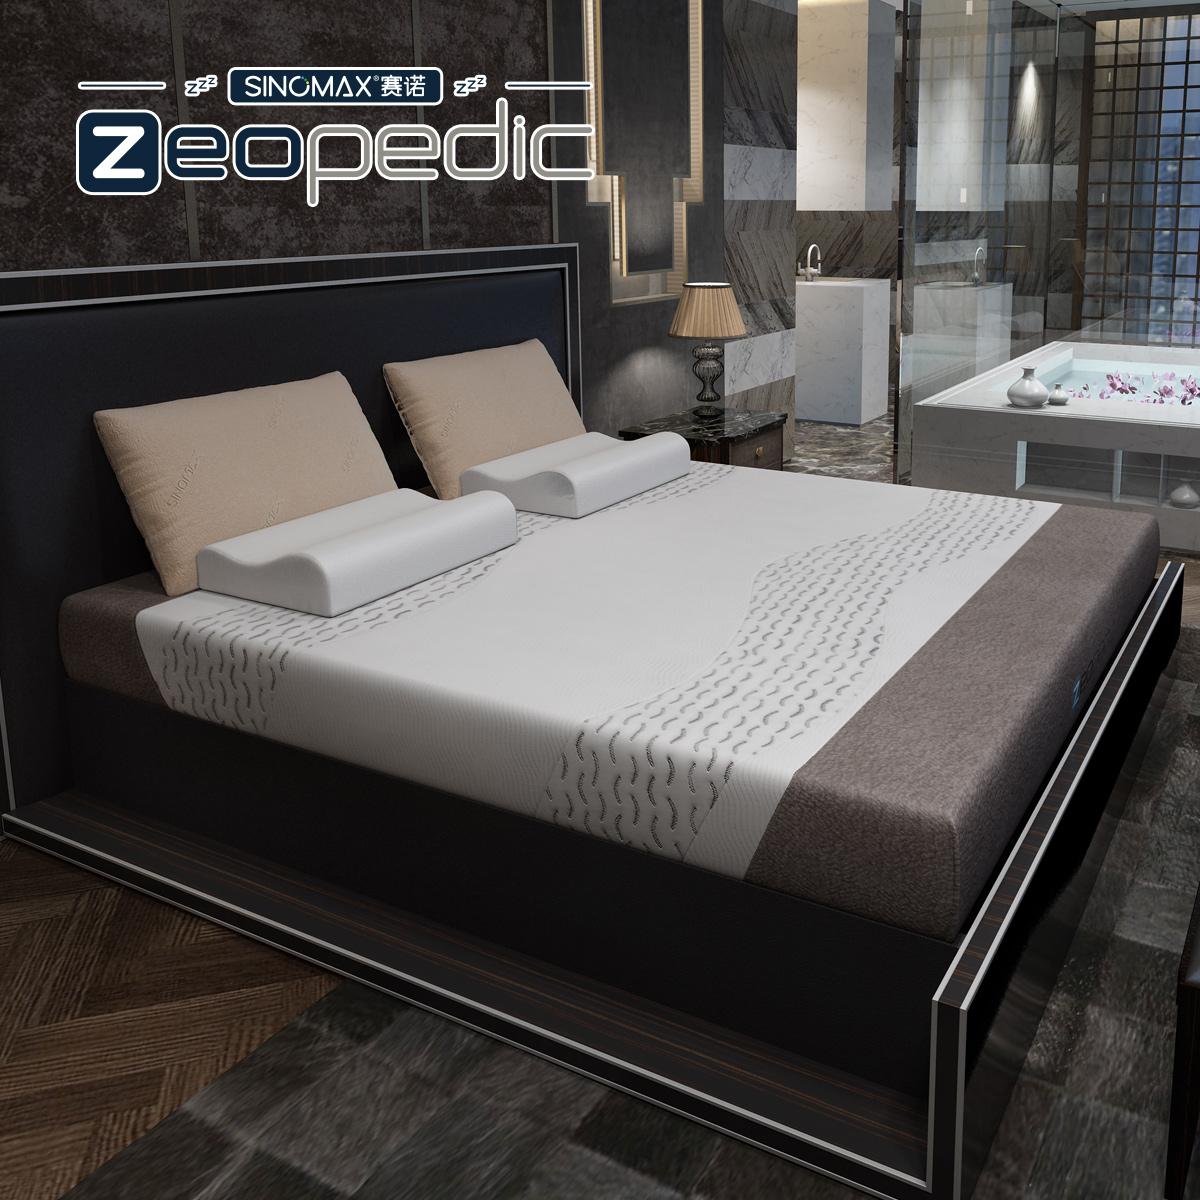 sinomax赛诺天鹅堡记忆棉床垫PM090